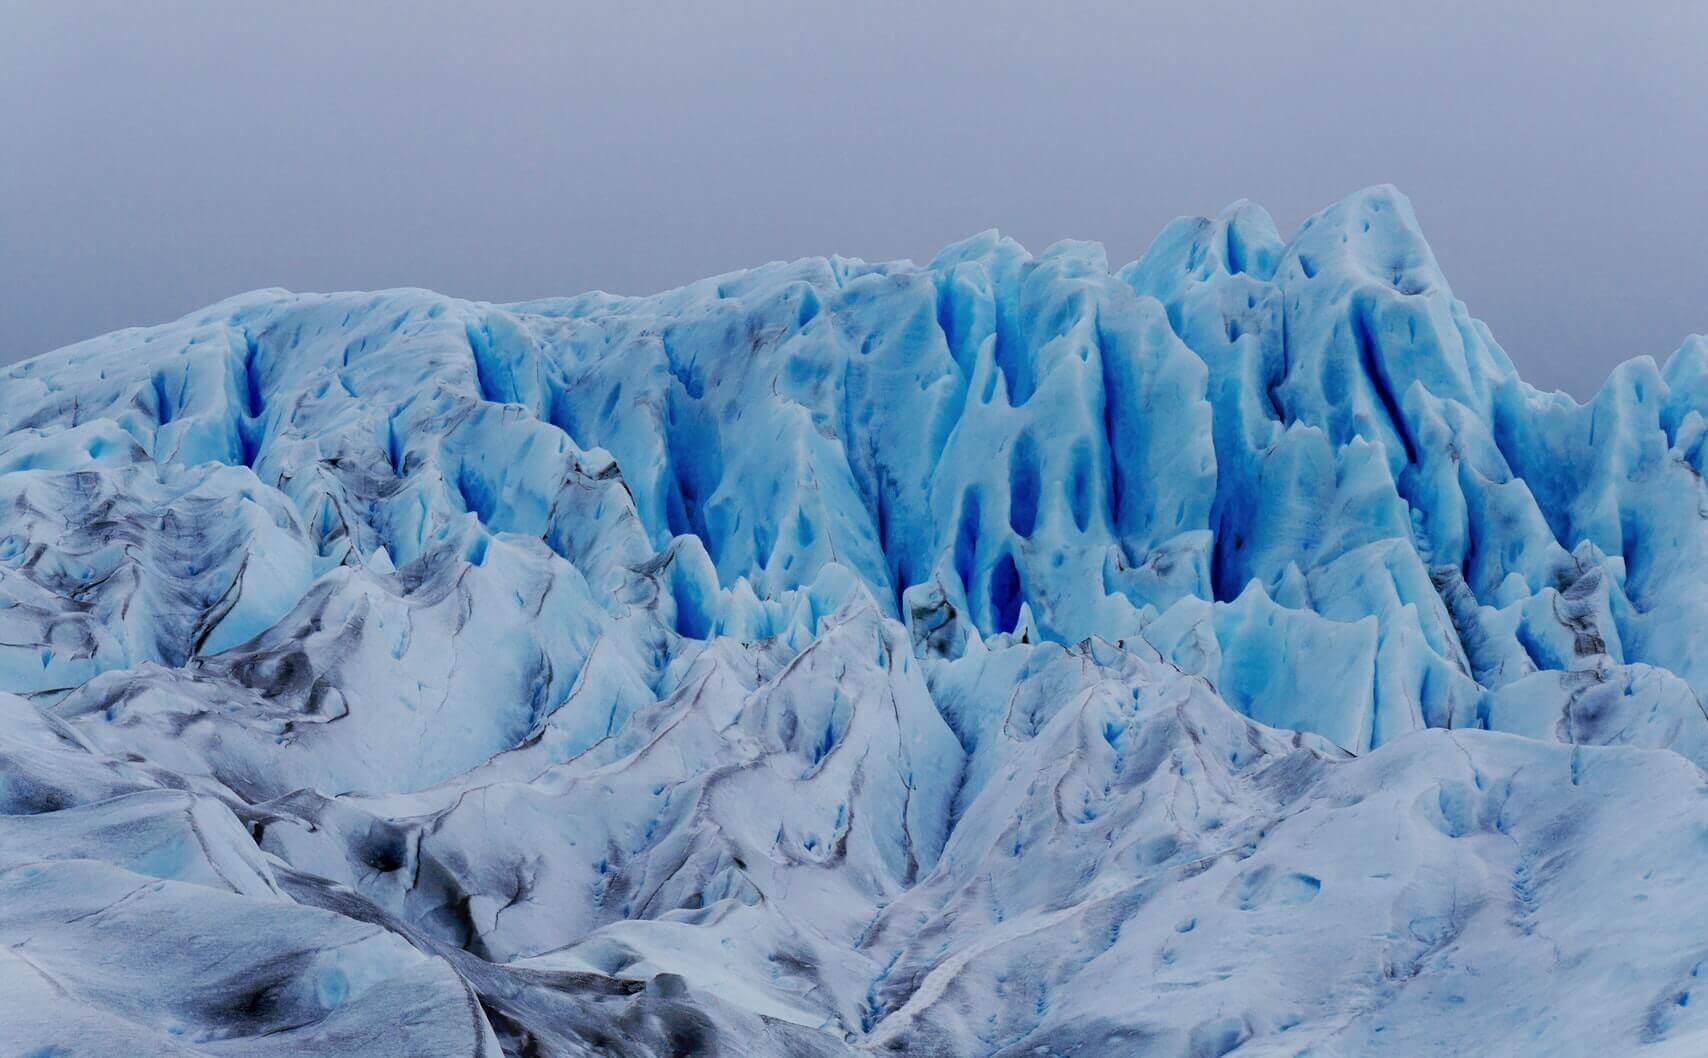 Подробно о горных маршрутах Патагонии: цены, советы, замечания